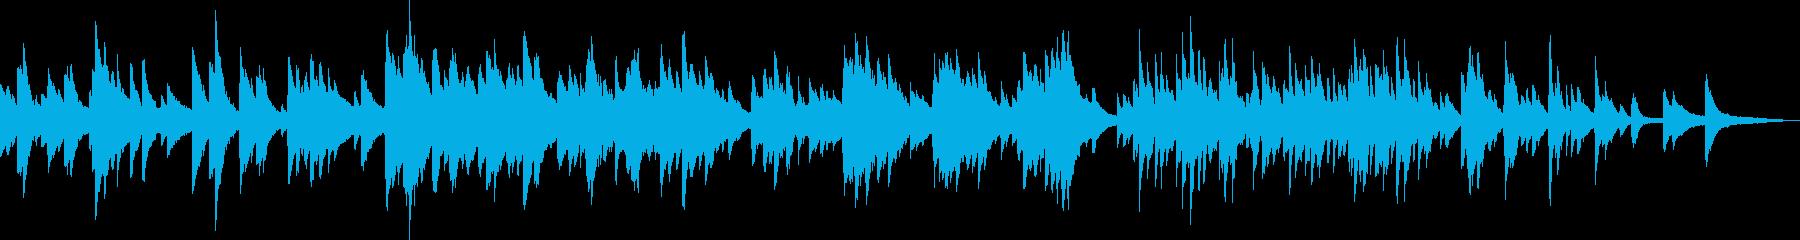 絶望のピアノ曲(暗い・悲しい・重い)の再生済みの波形